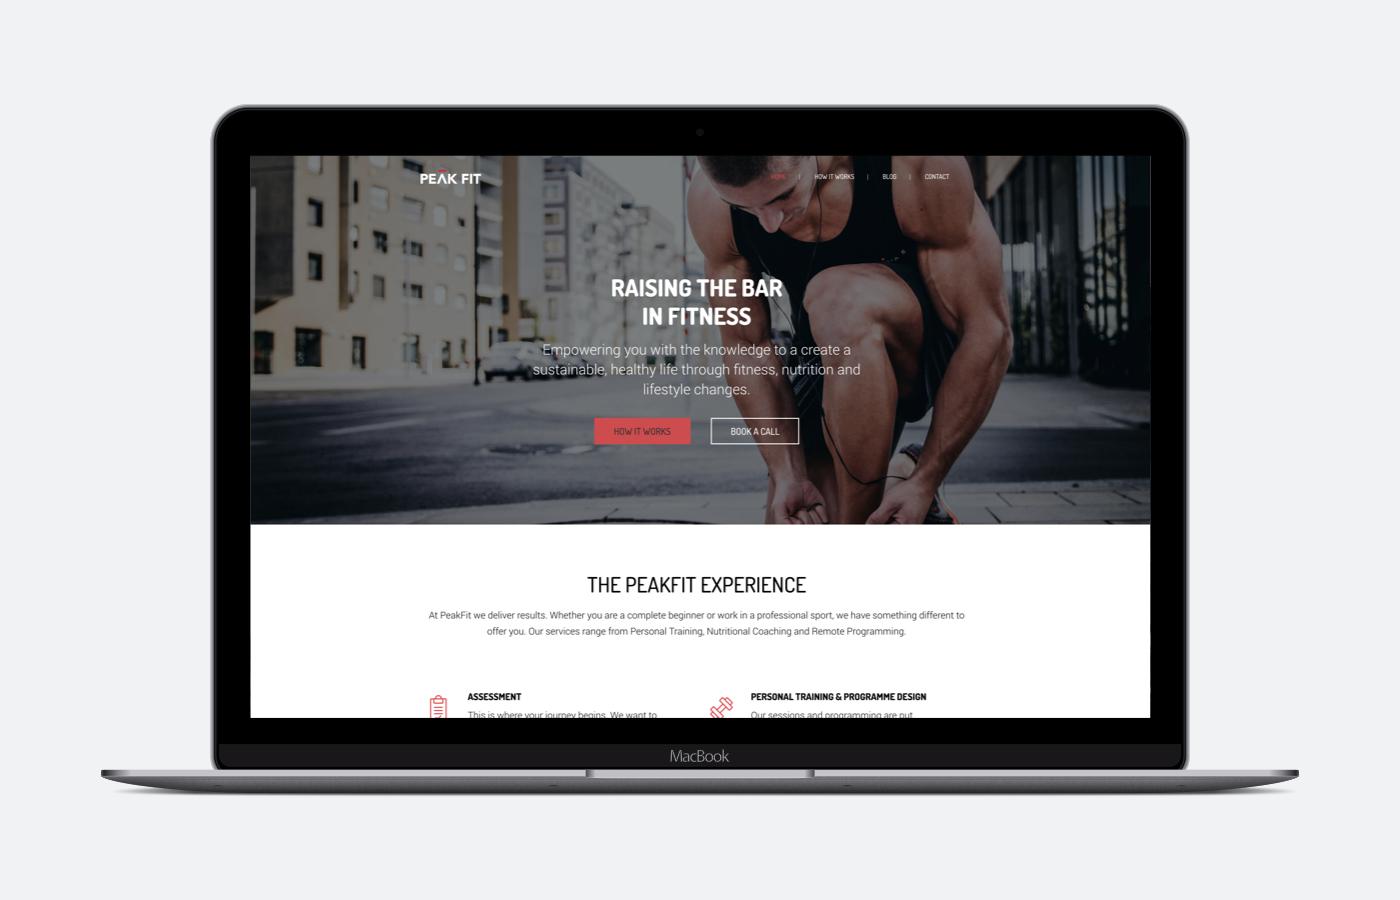 Peak Fit's website launches